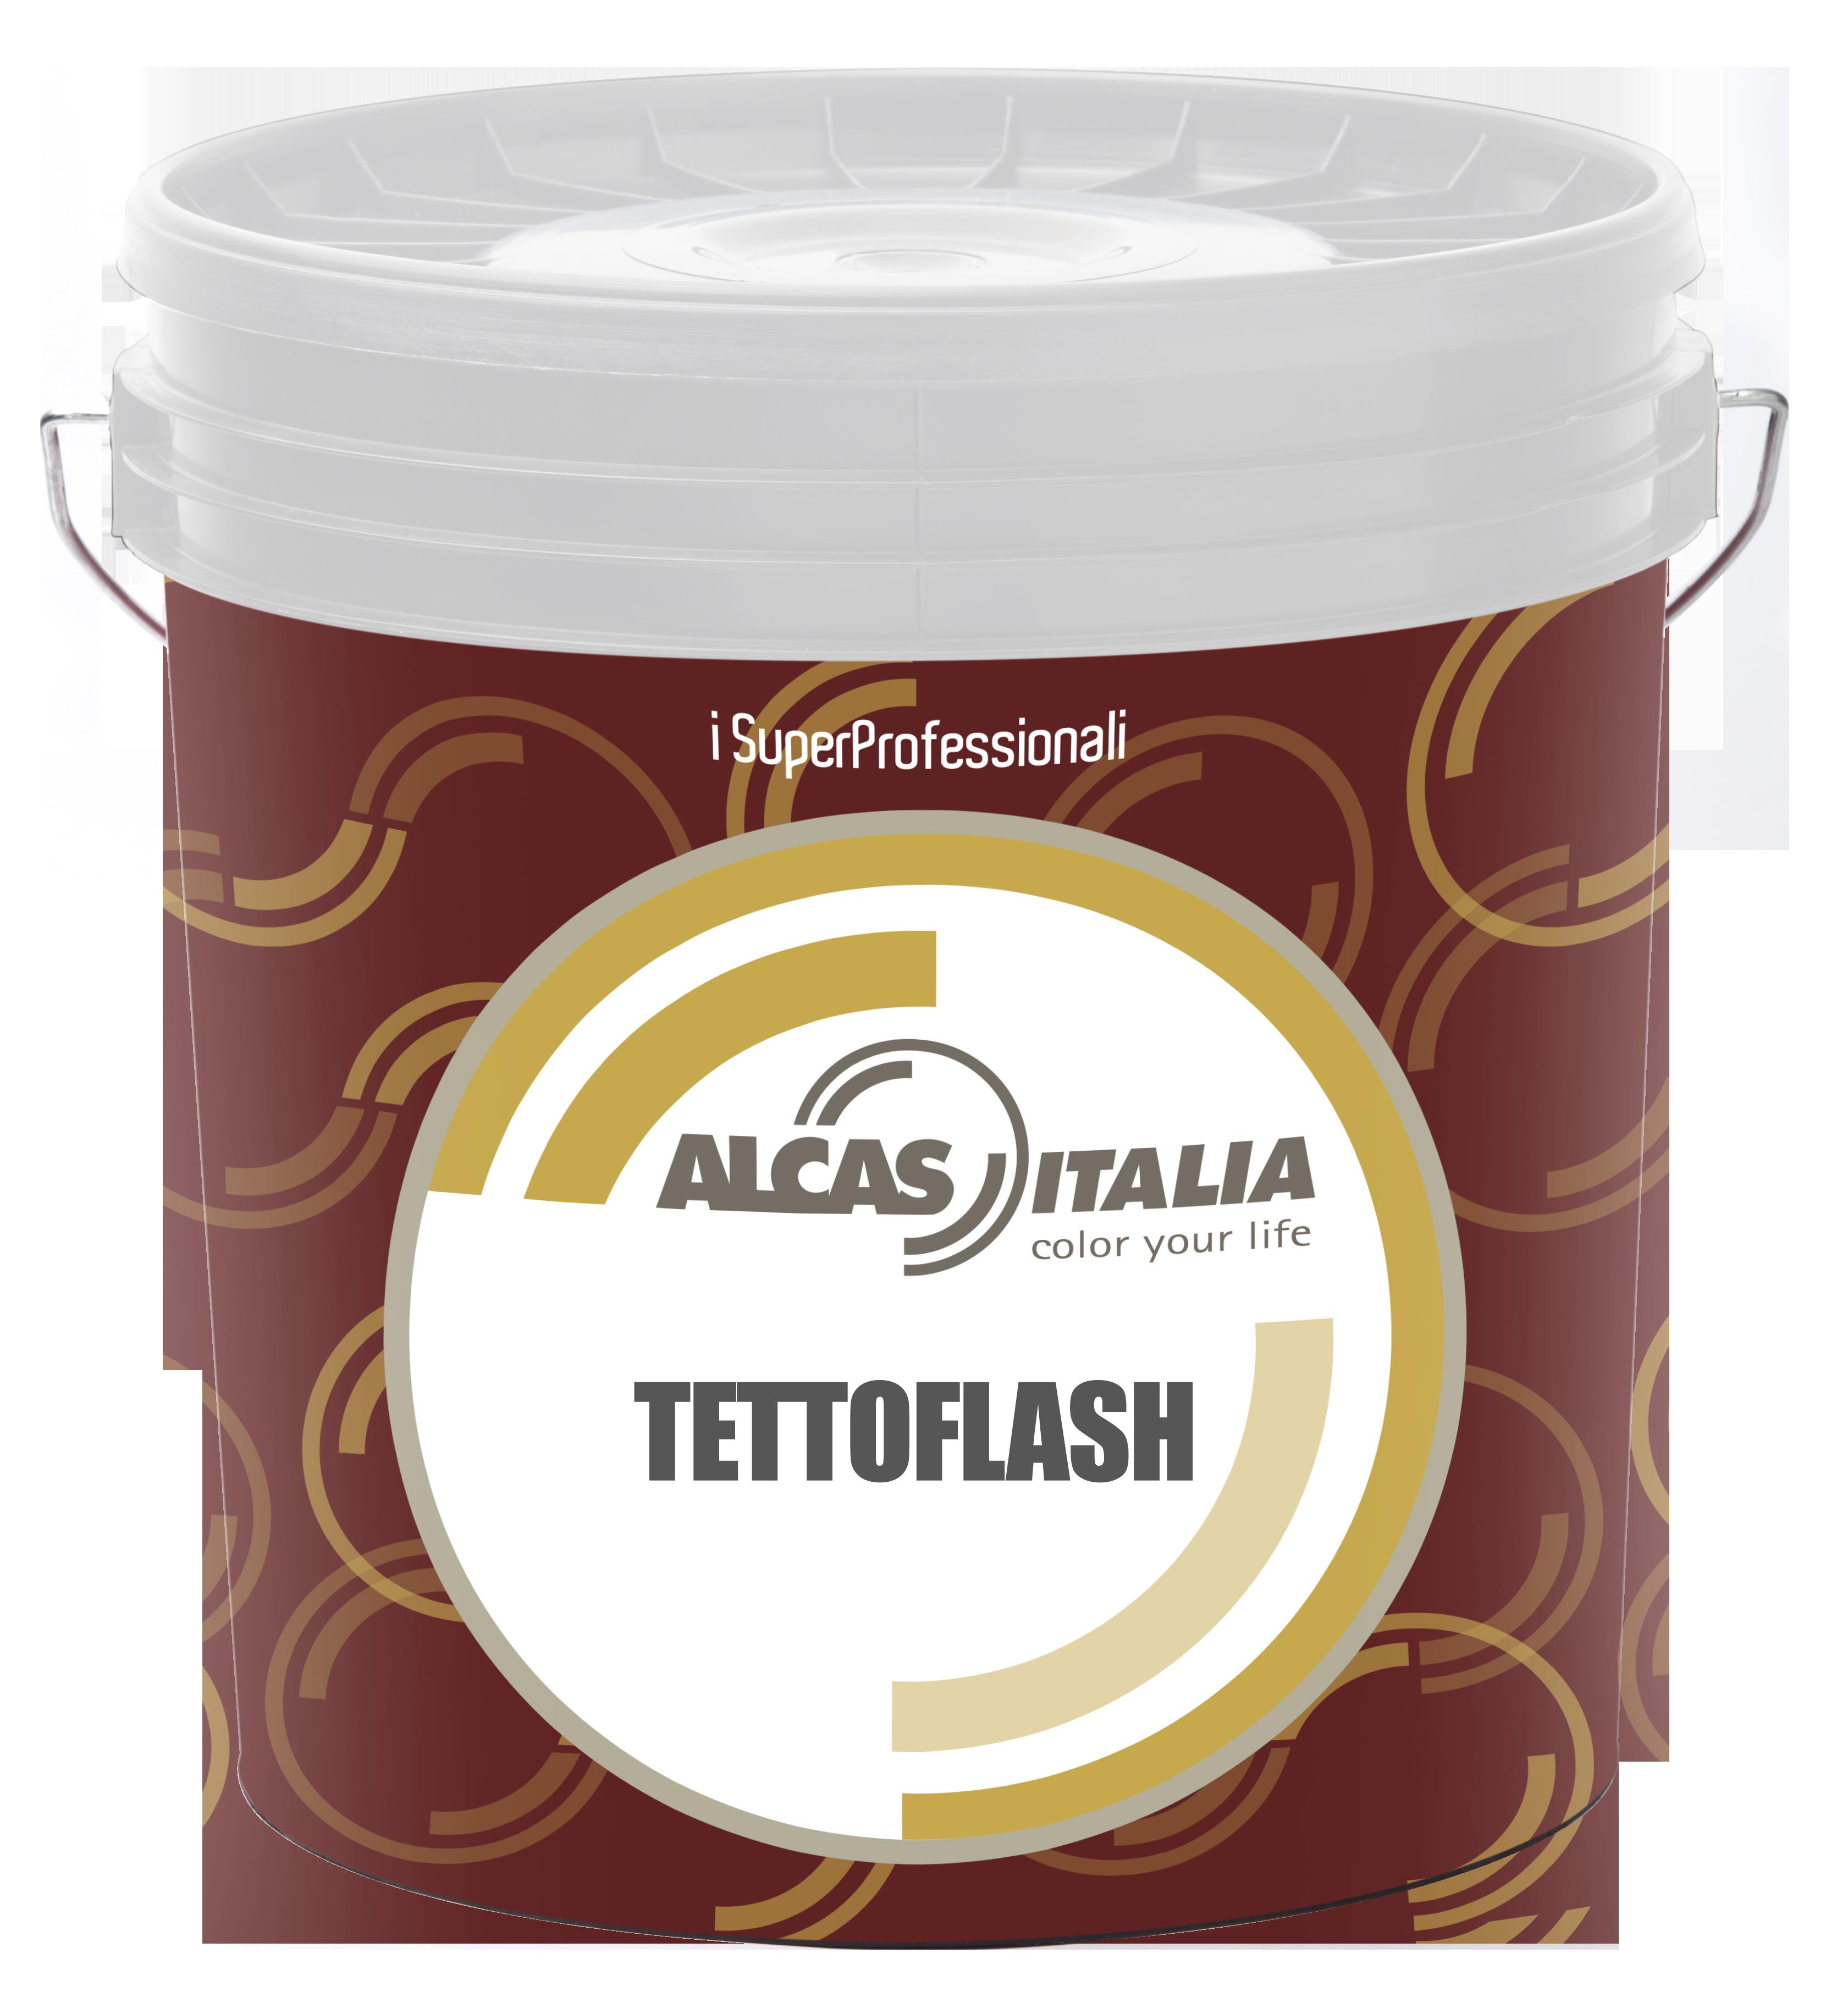 Tettoflash